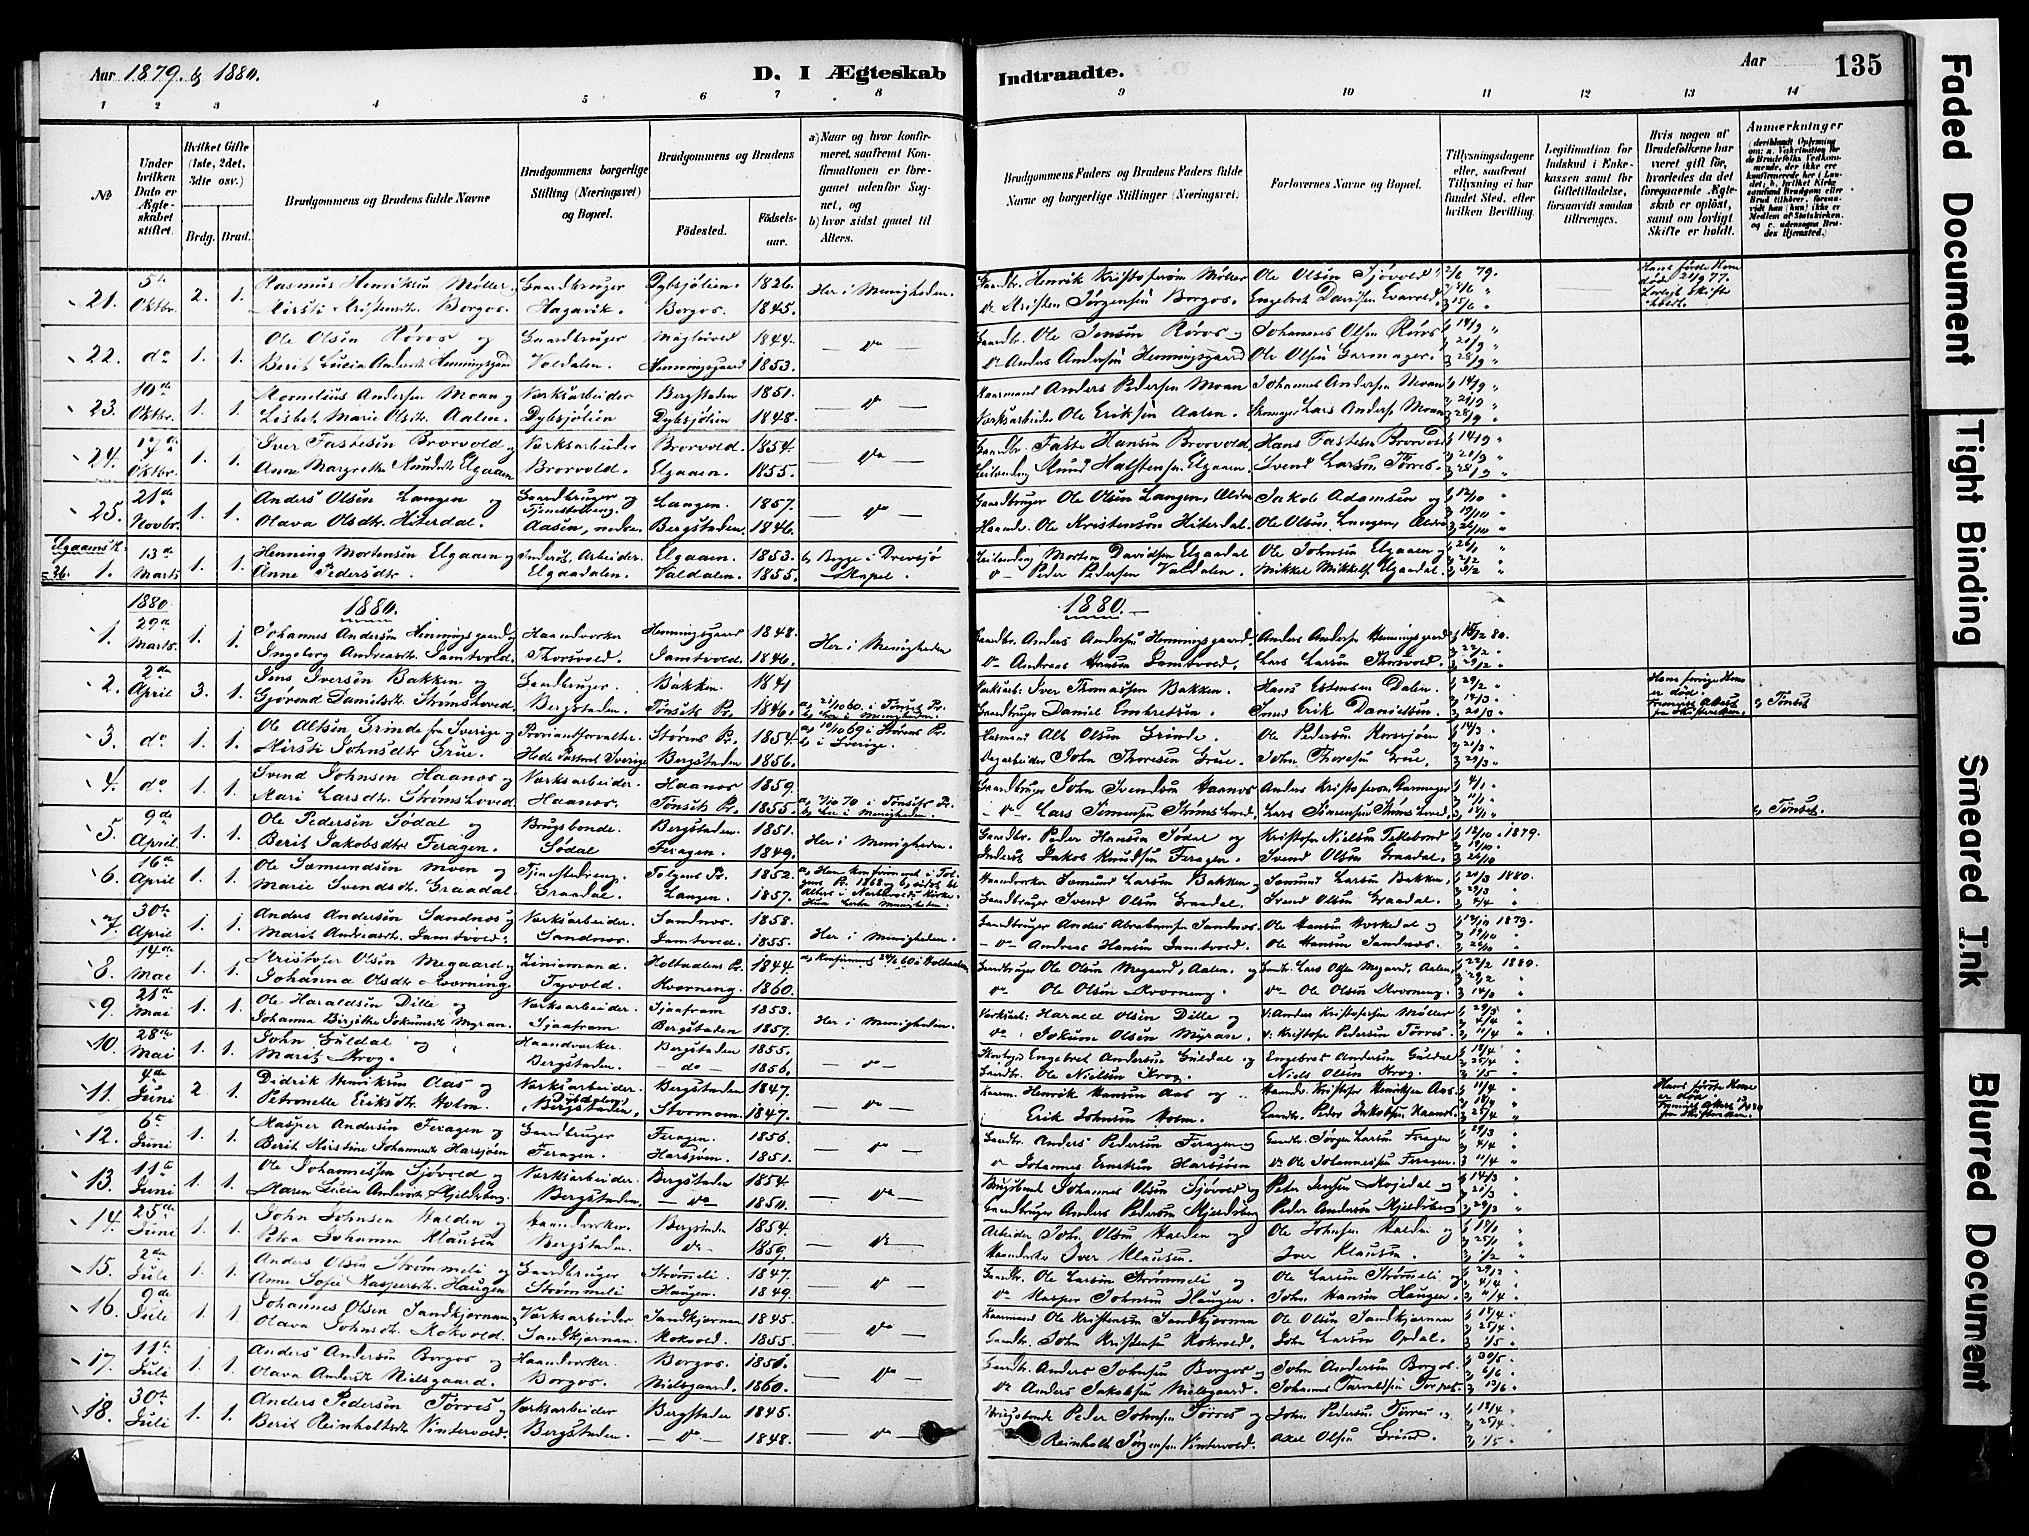 SAT, Ministerialprotokoller, klokkerbøker og fødselsregistre - Sør-Trøndelag, 681/L0933: Ministerialbok nr. 681A11, 1879-1890, s. 135